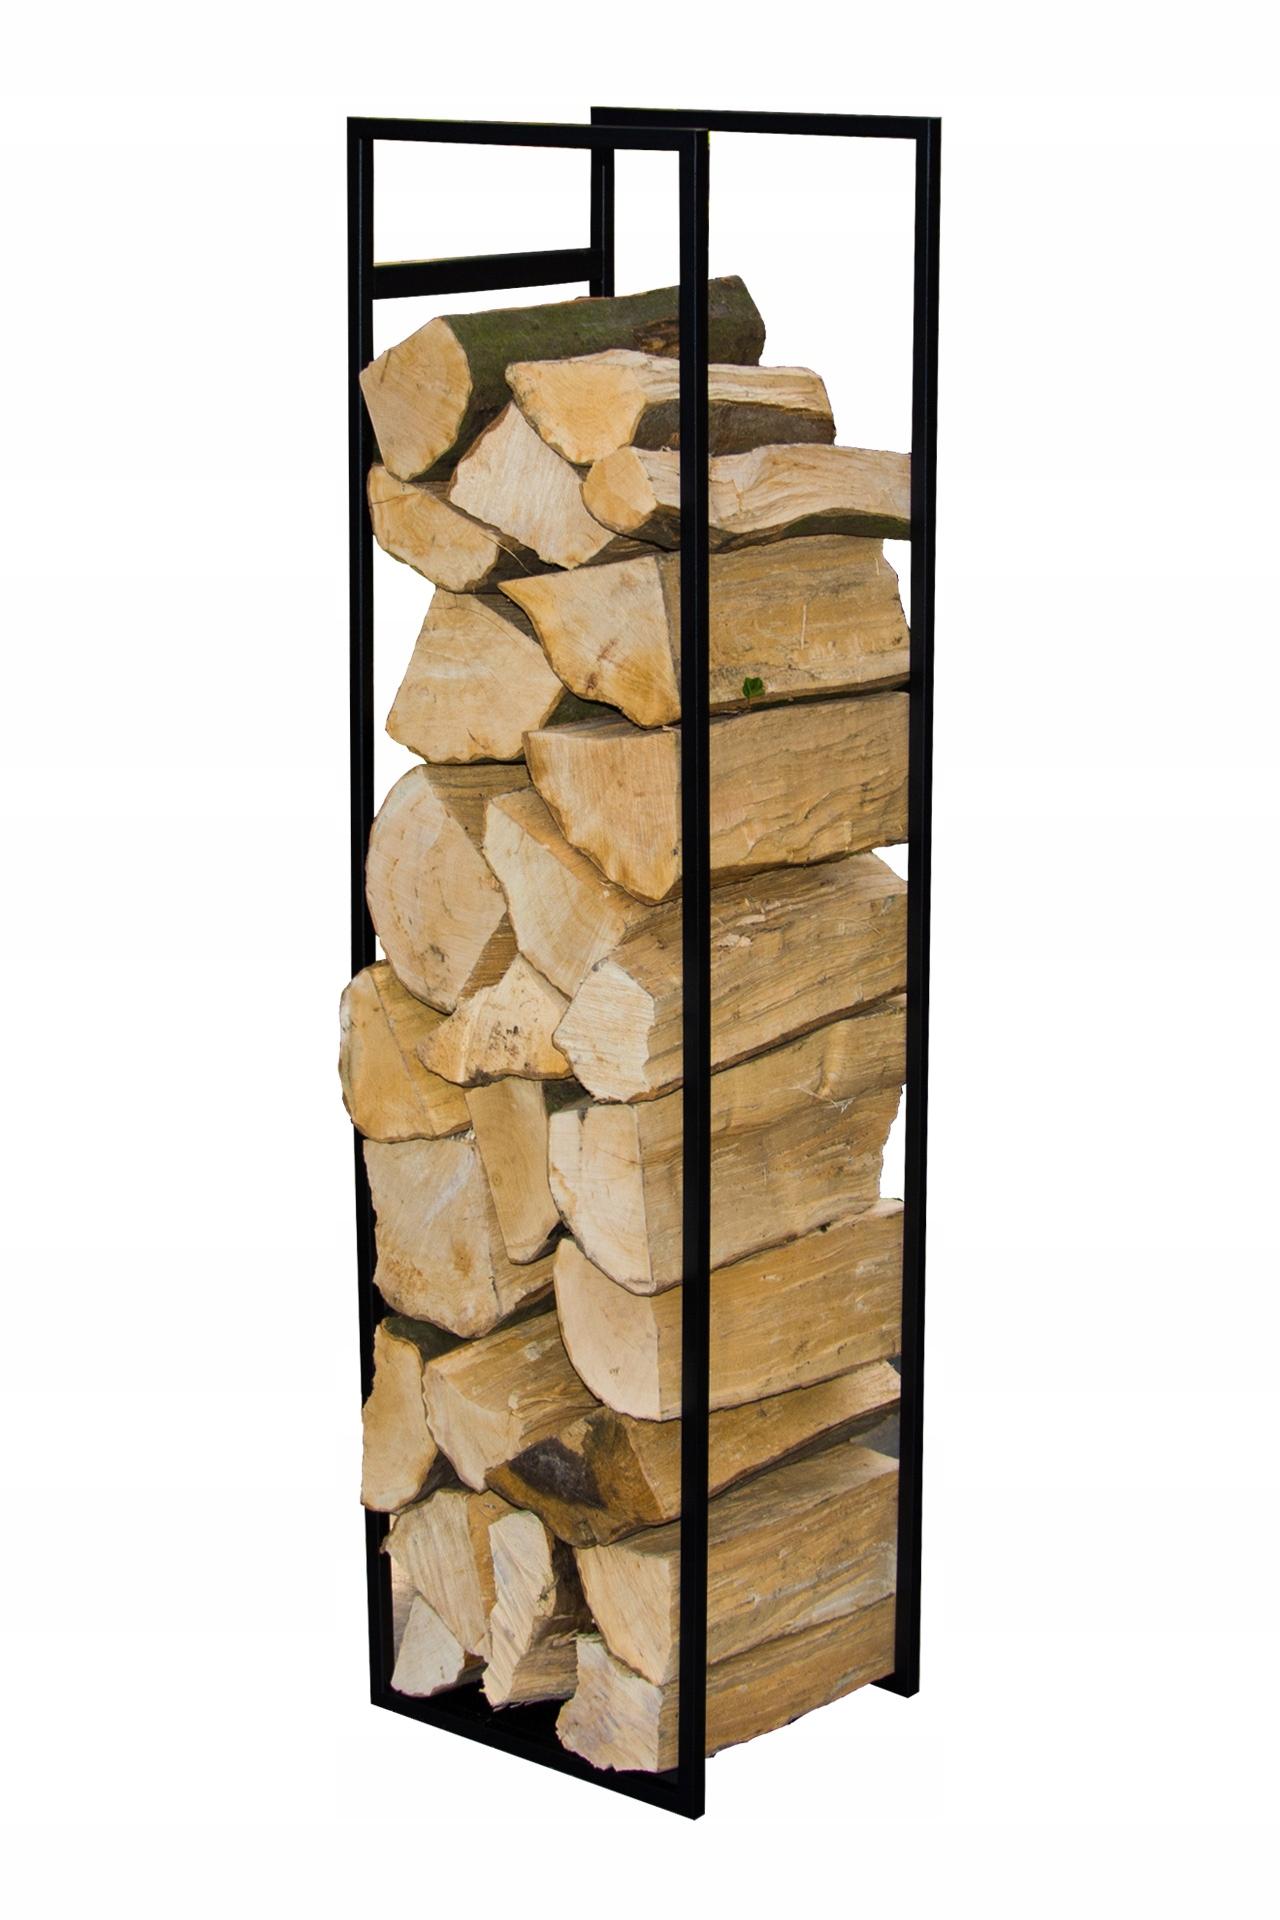 Подставка для дров, корзина на дерево 120 см ЧЕРНЫЙ